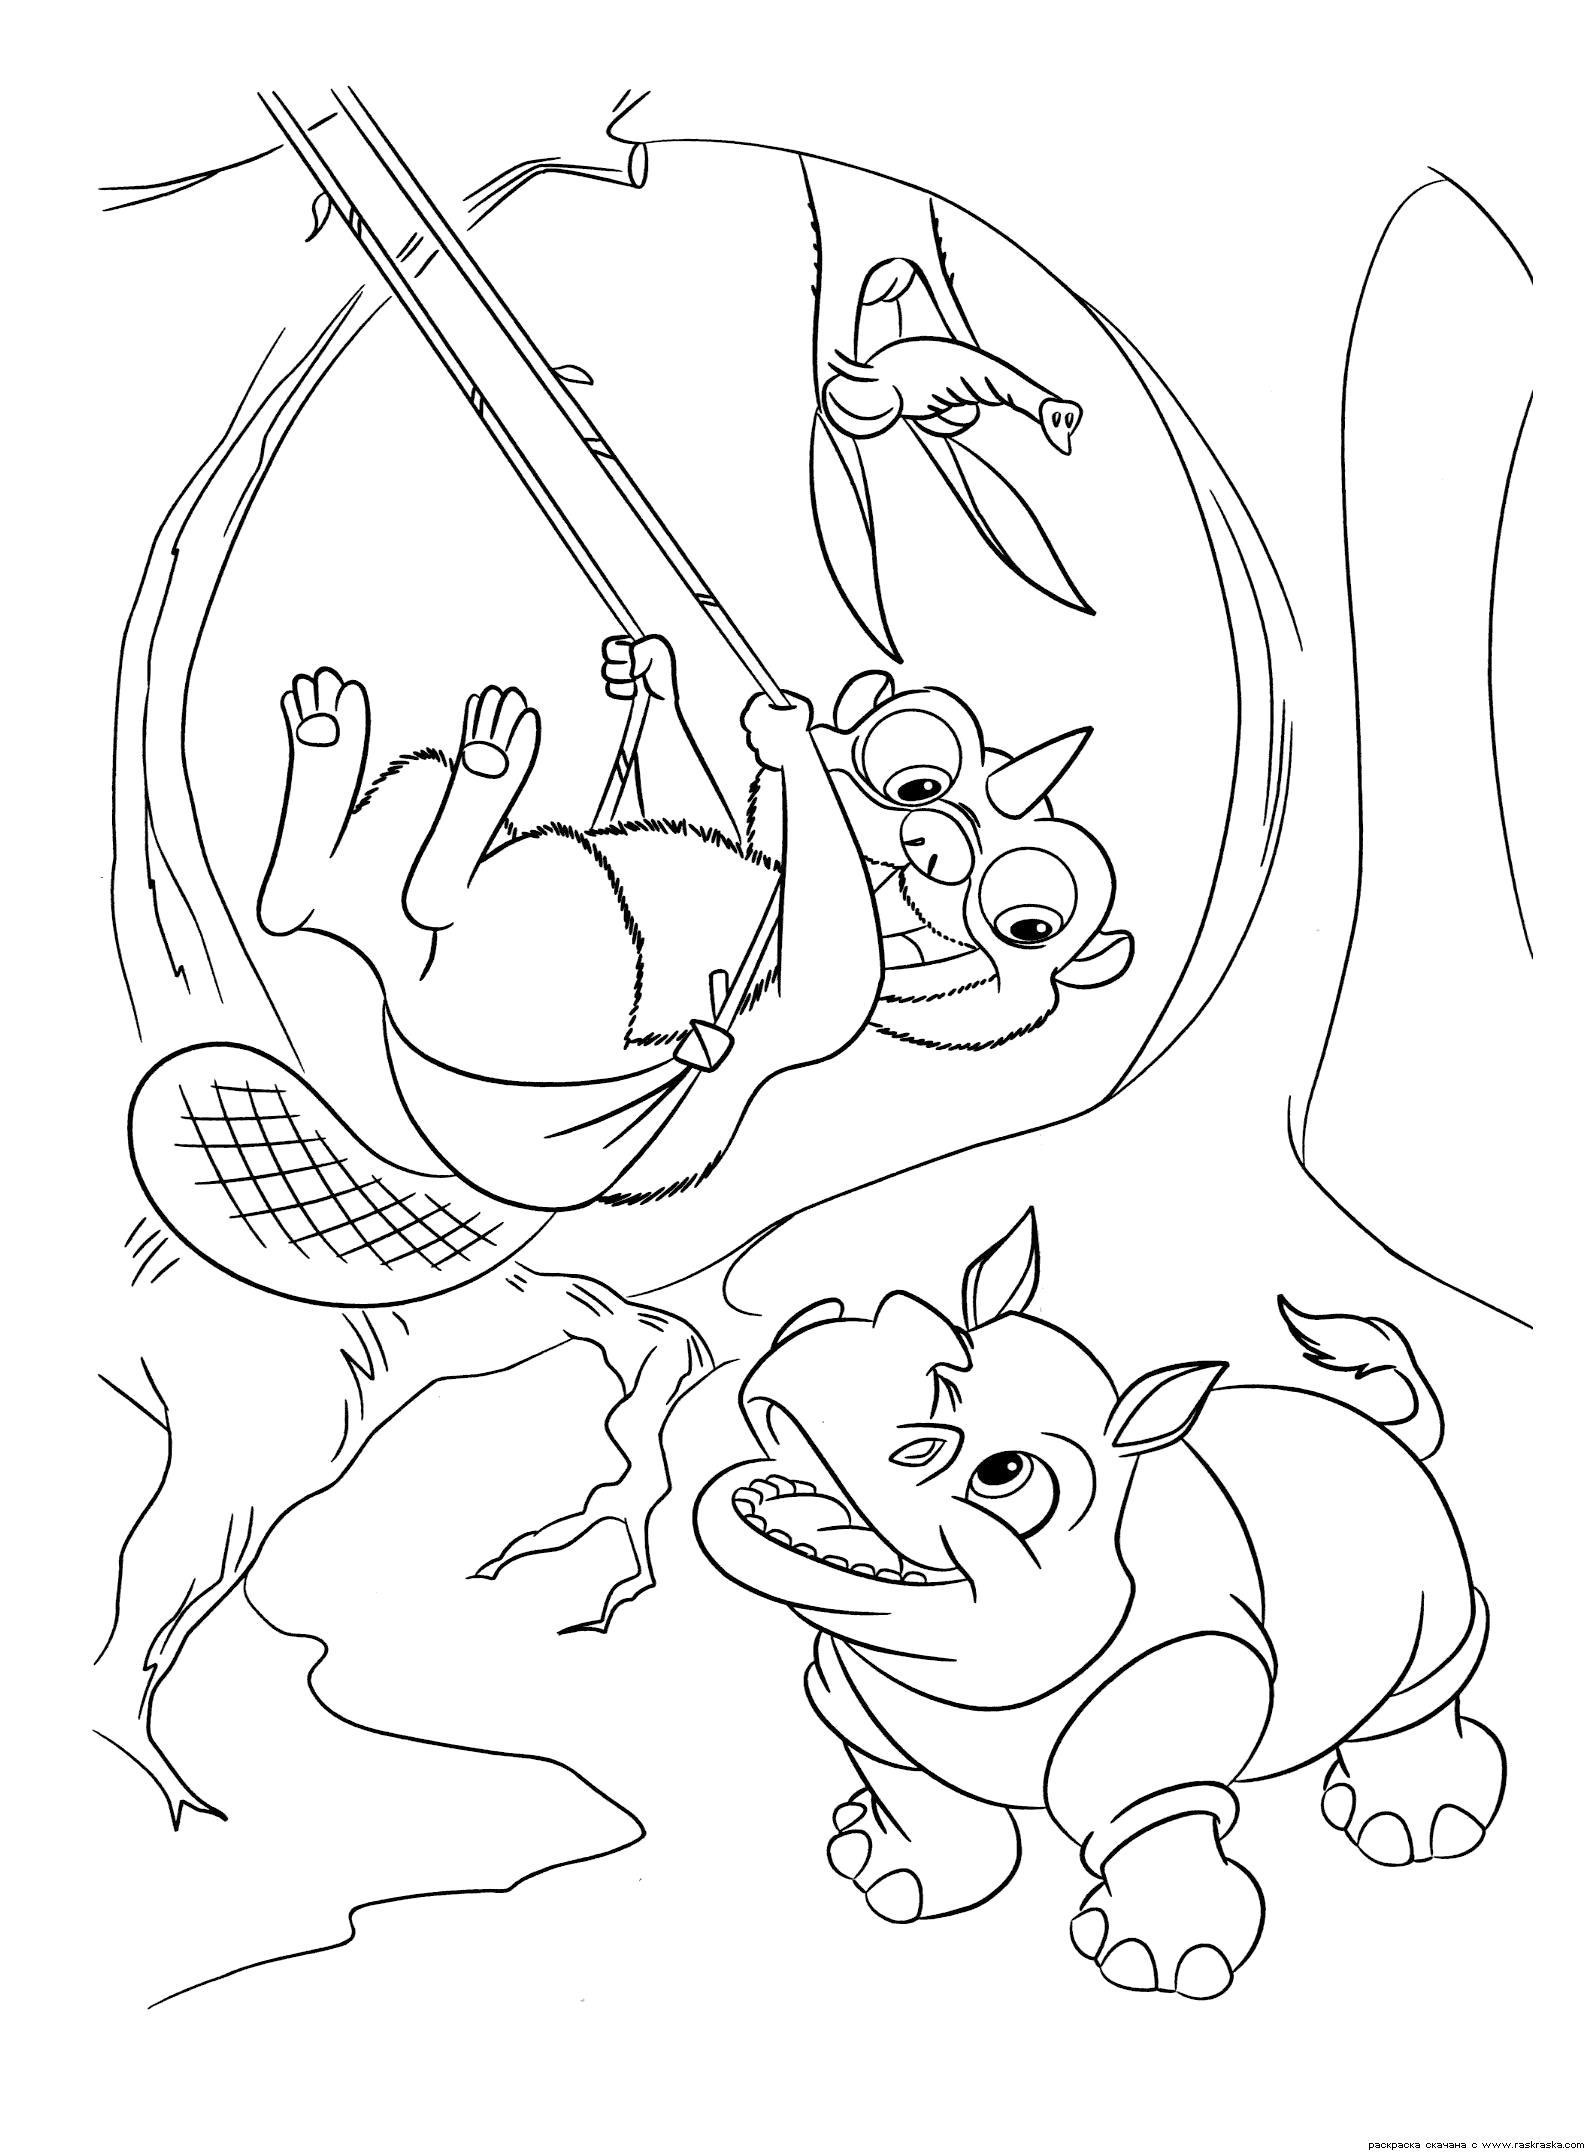 Раскраска  Детская площадка.  Ленивец сказал, что площадка открыта!  из мультфильма Ледниковый период 3 : Эра динозавров, разукрашка для детей. Скачать динозавр.  Распечатать динозавр